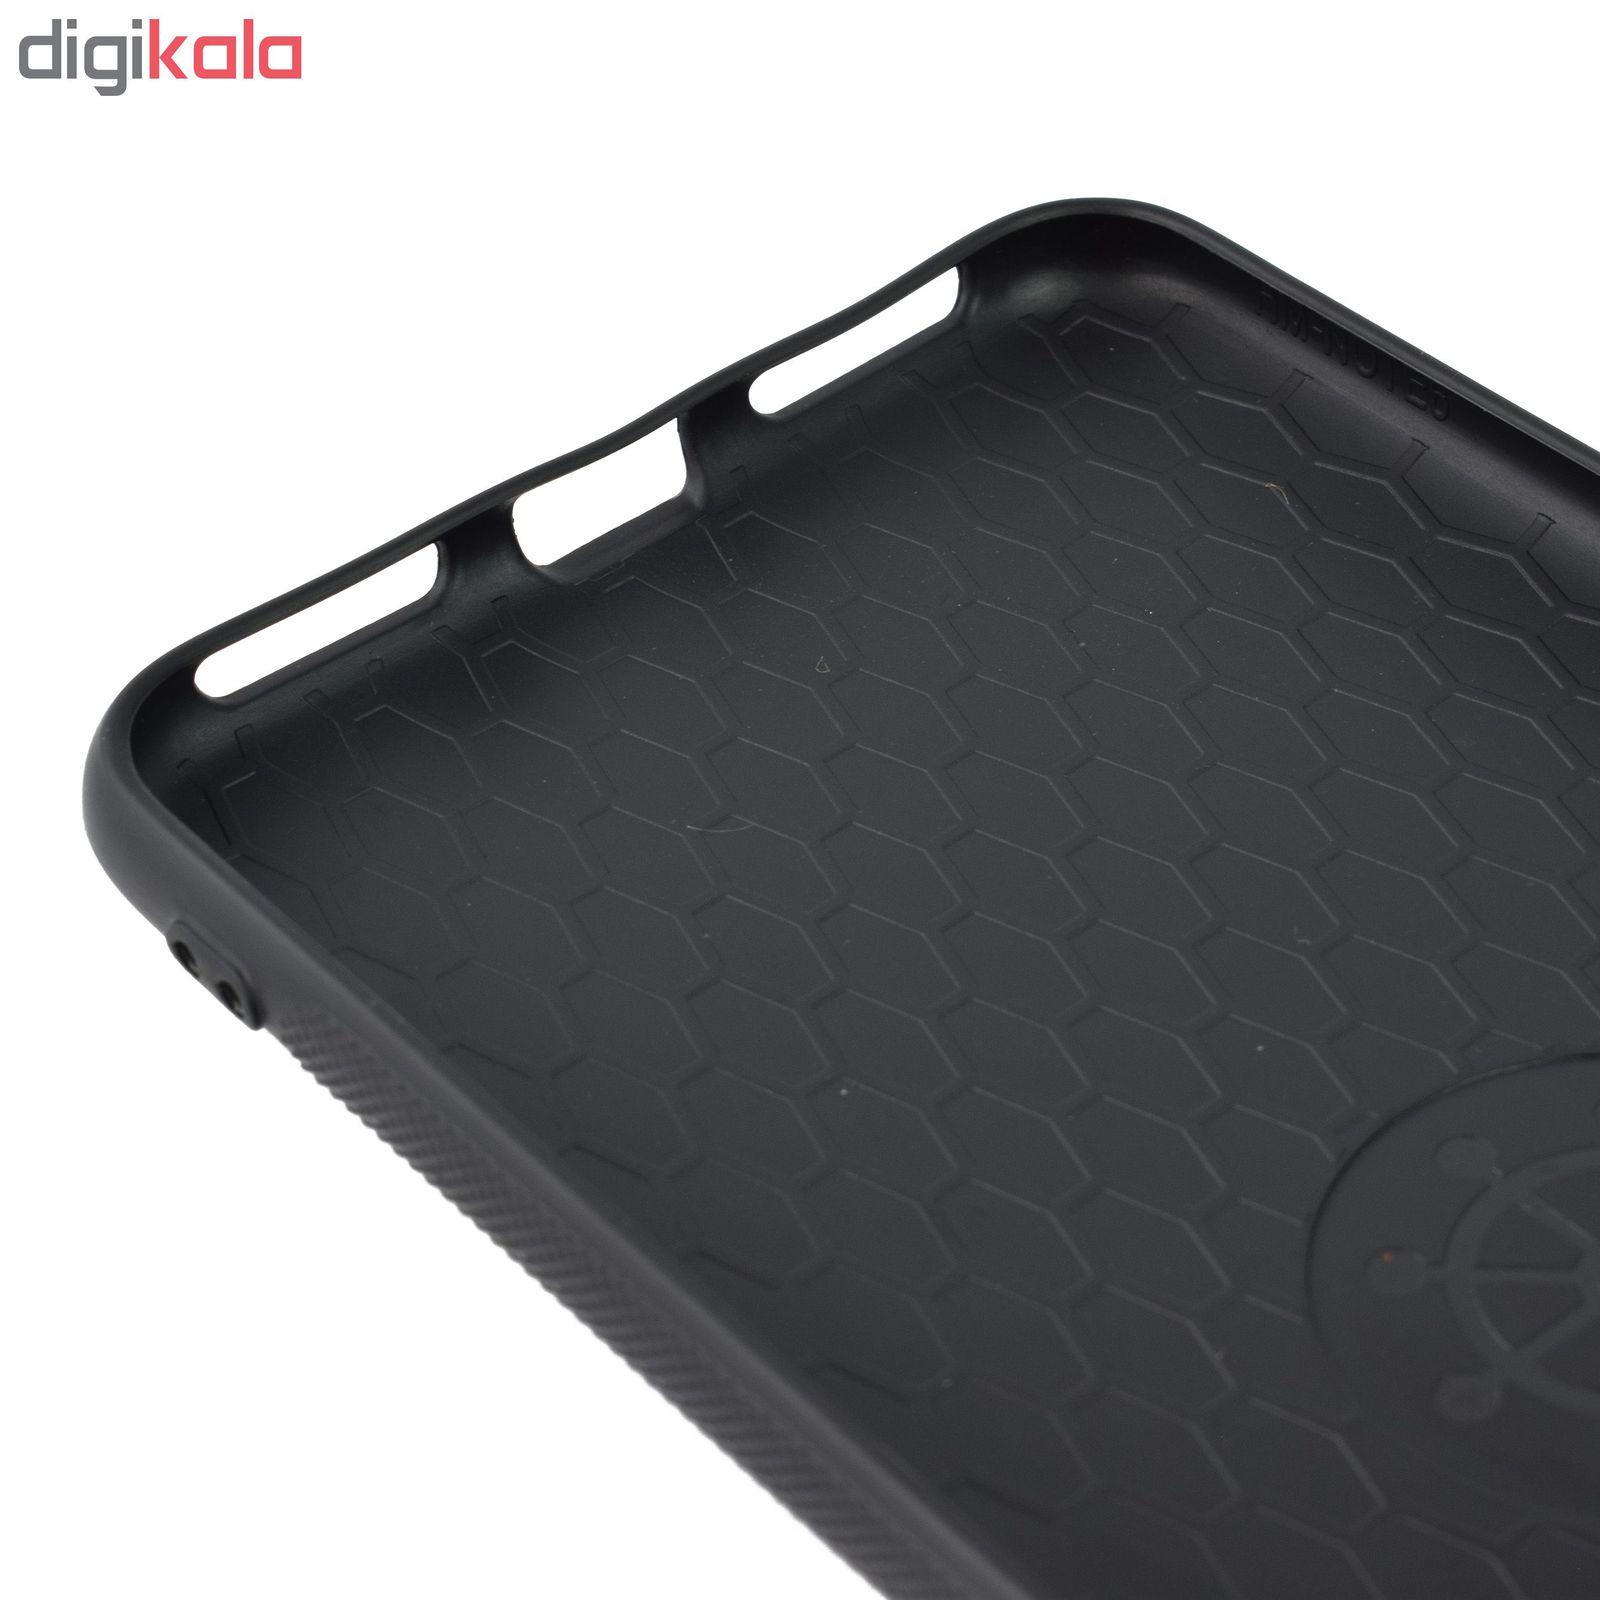 کاور مدل LT10 مناسب برای گوشی موبایل شیائومی Redmi Note 7 / Note 7 Pro main 1 11